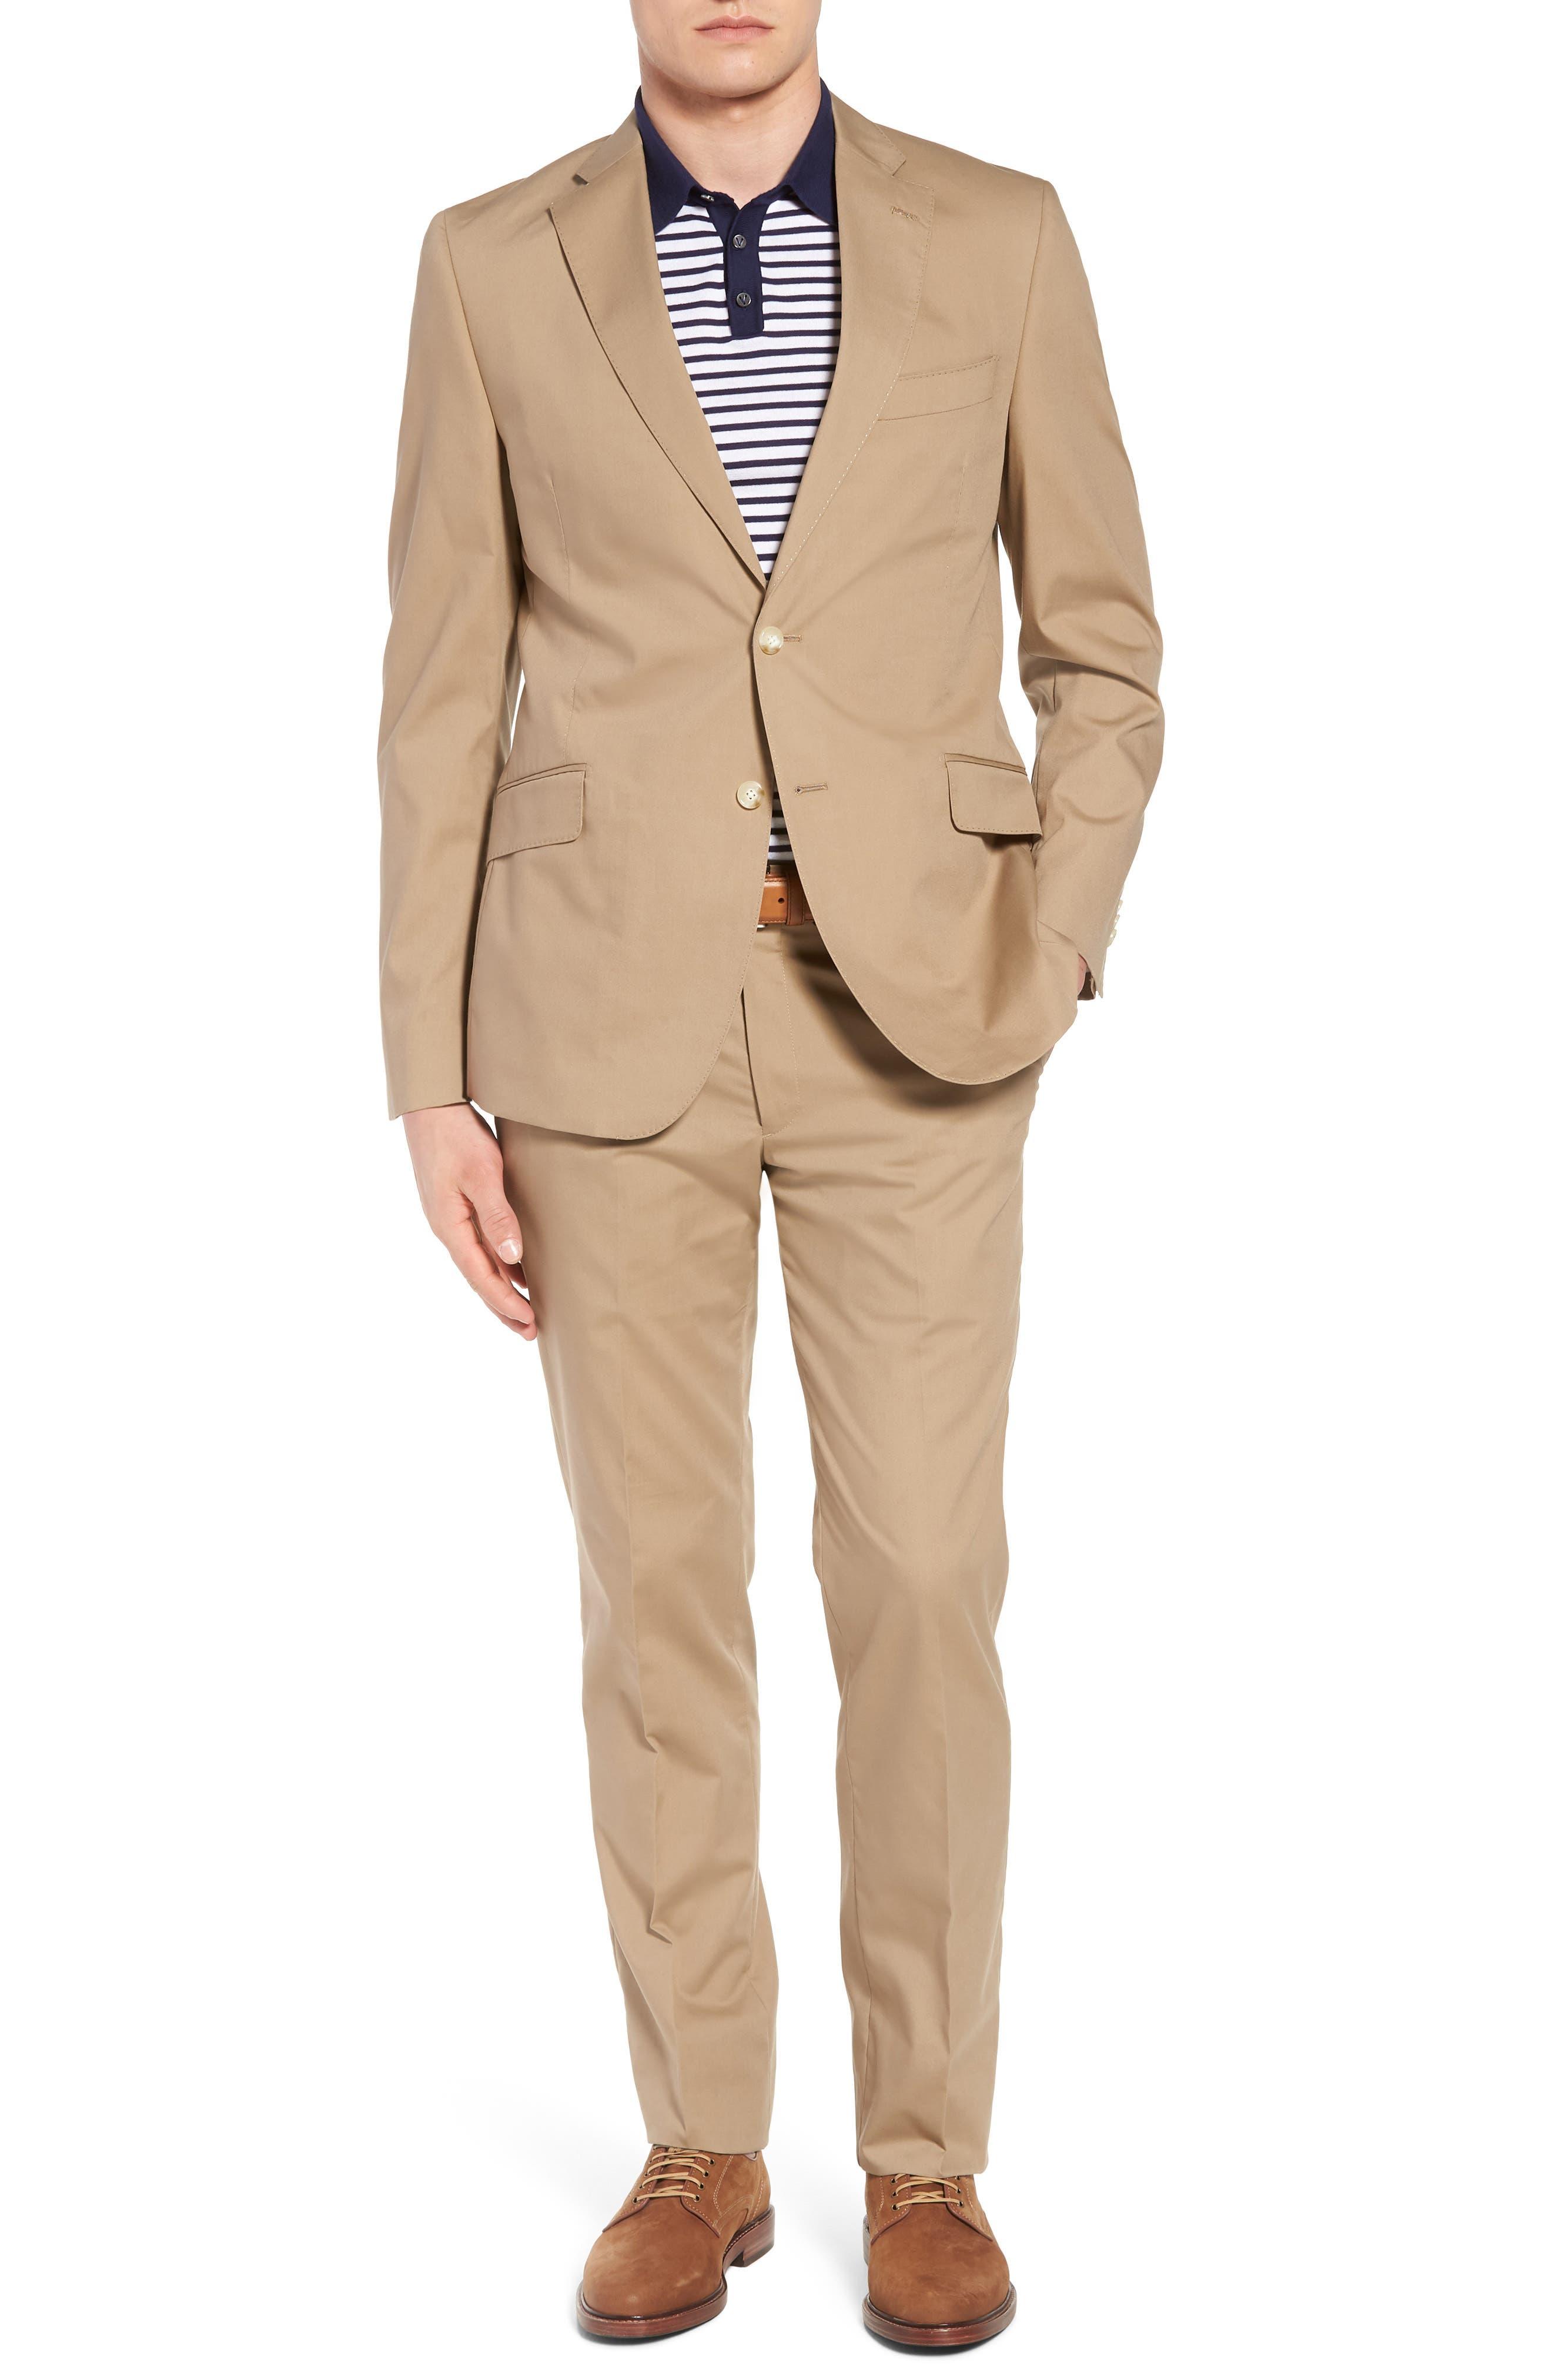 Irons AIM Classic Fit Solid Cotton Blend Suit,                             Main thumbnail 1, color,                             252